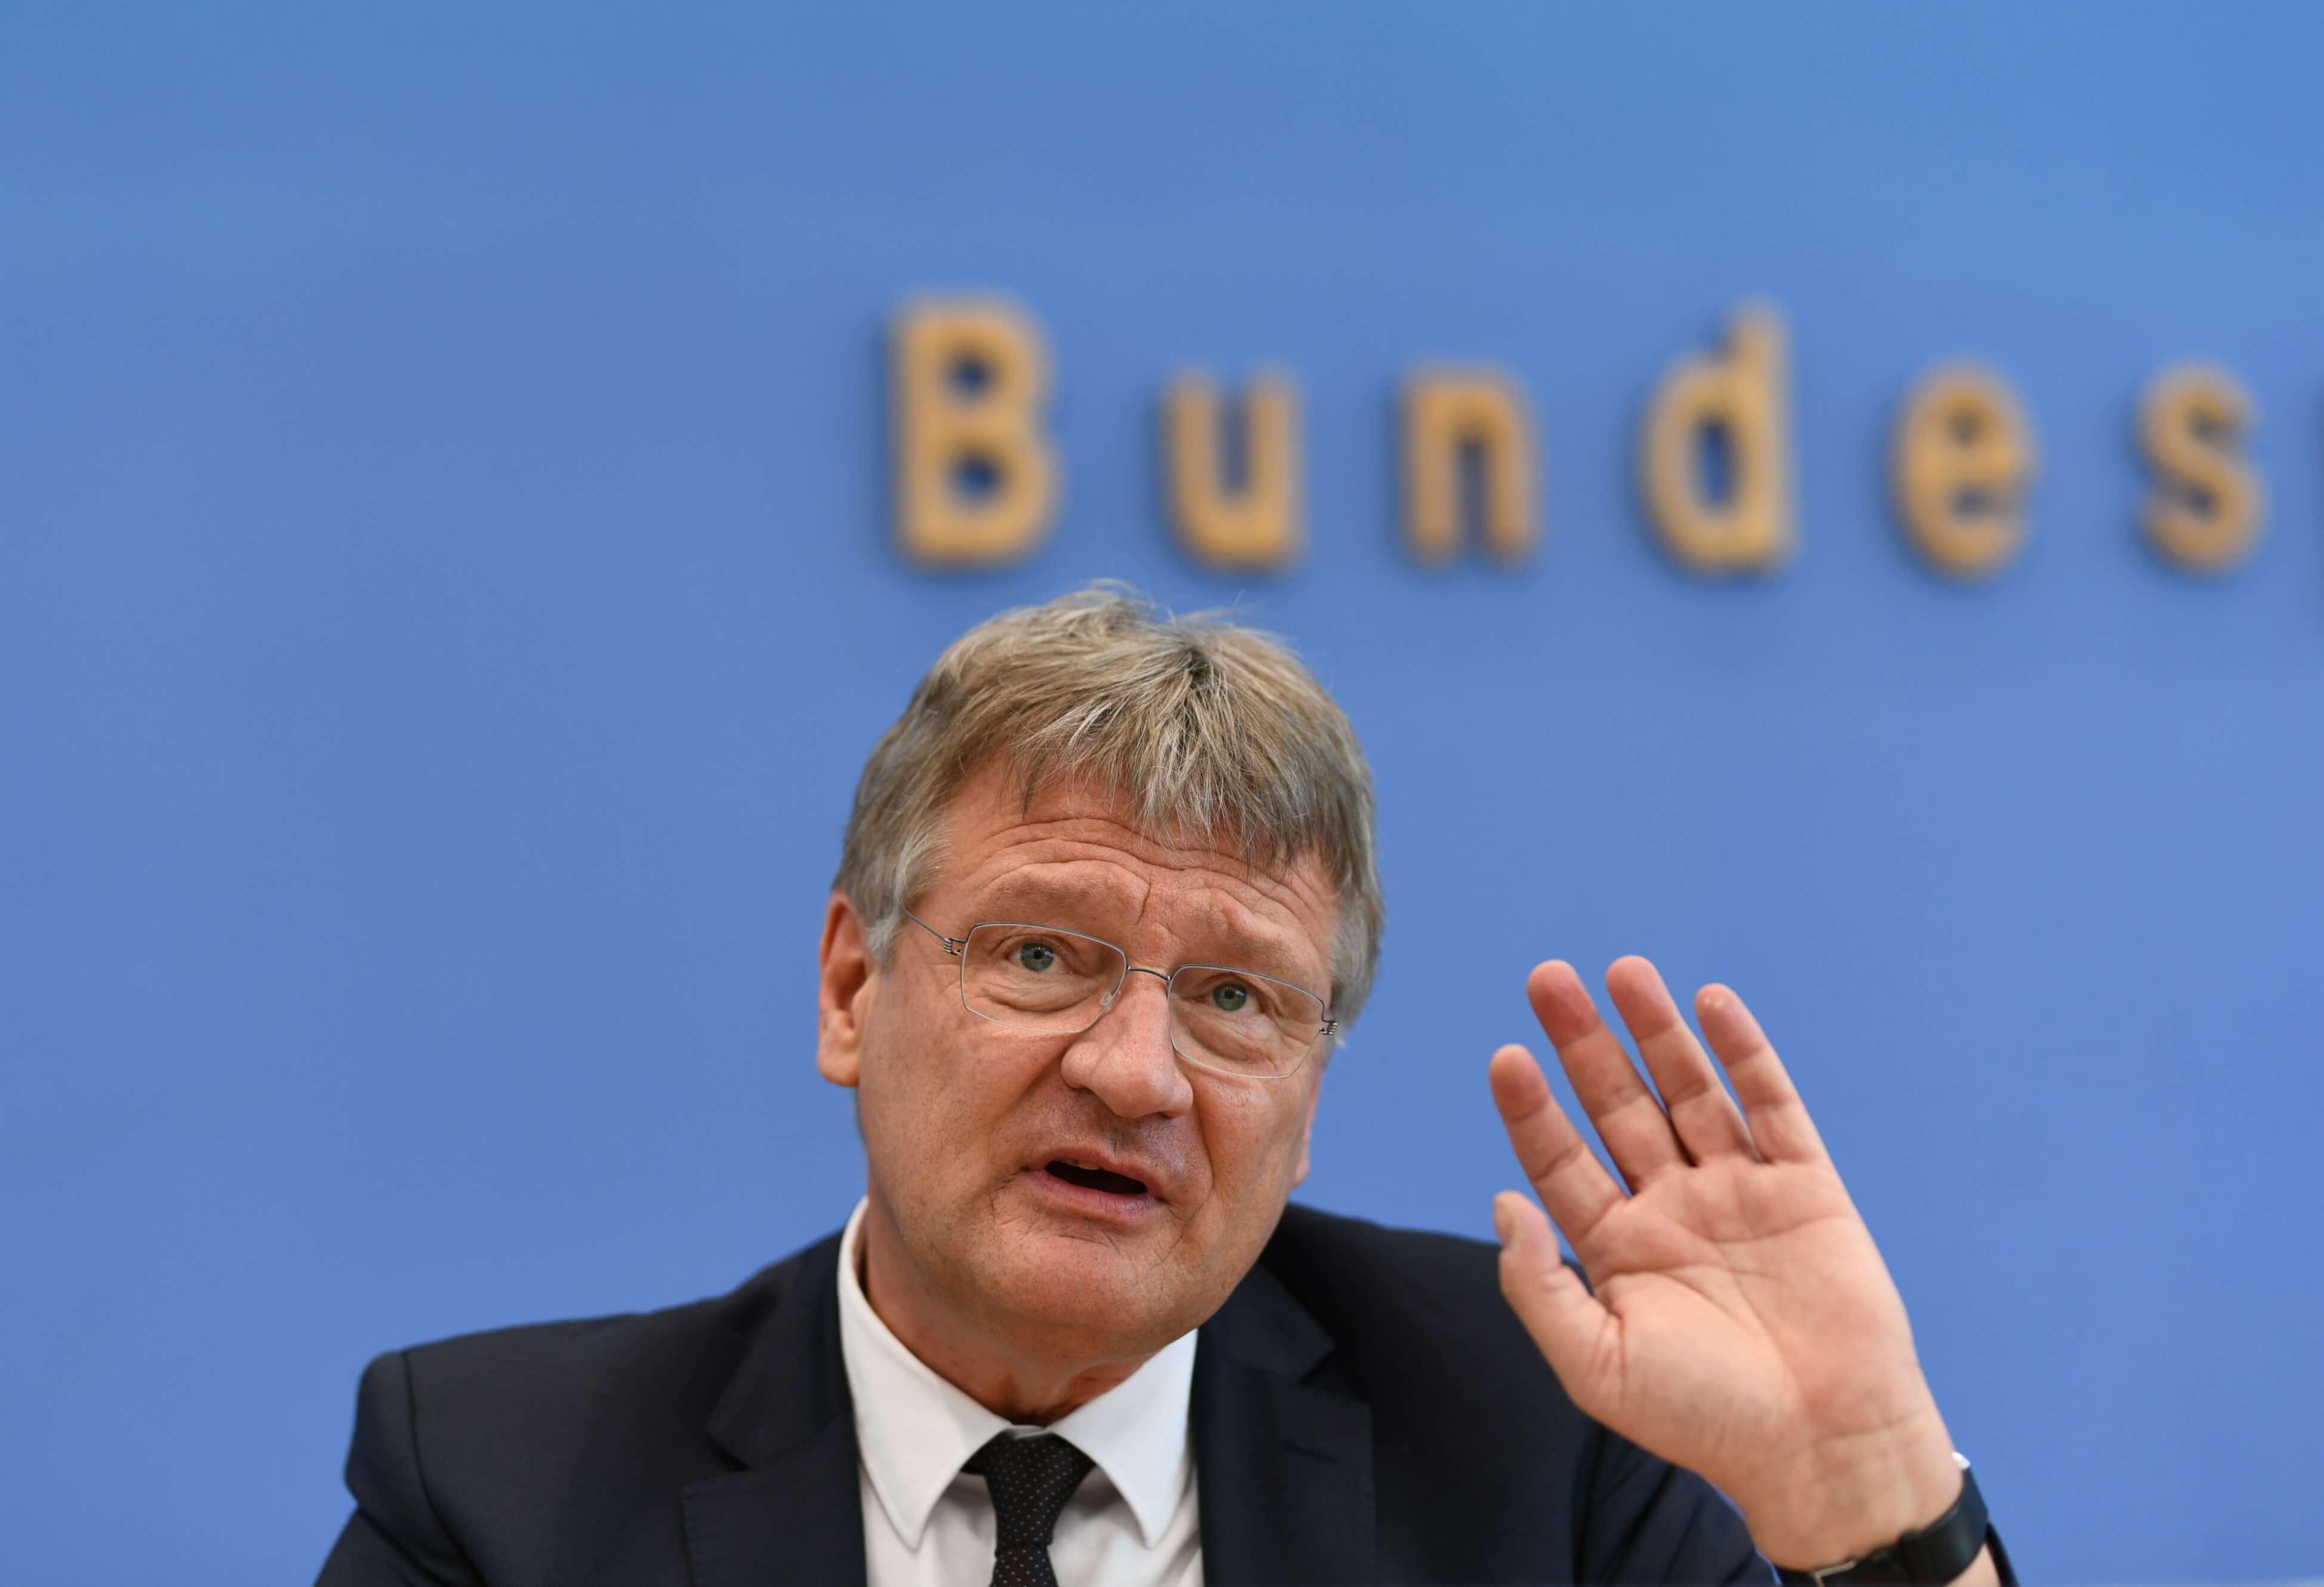 """Γερμανία: Η νεολαία του AfD ζητά αλλαγή των θέσεων για το κλίμα – """"Σταματήστε τα ακατανόητα"""""""